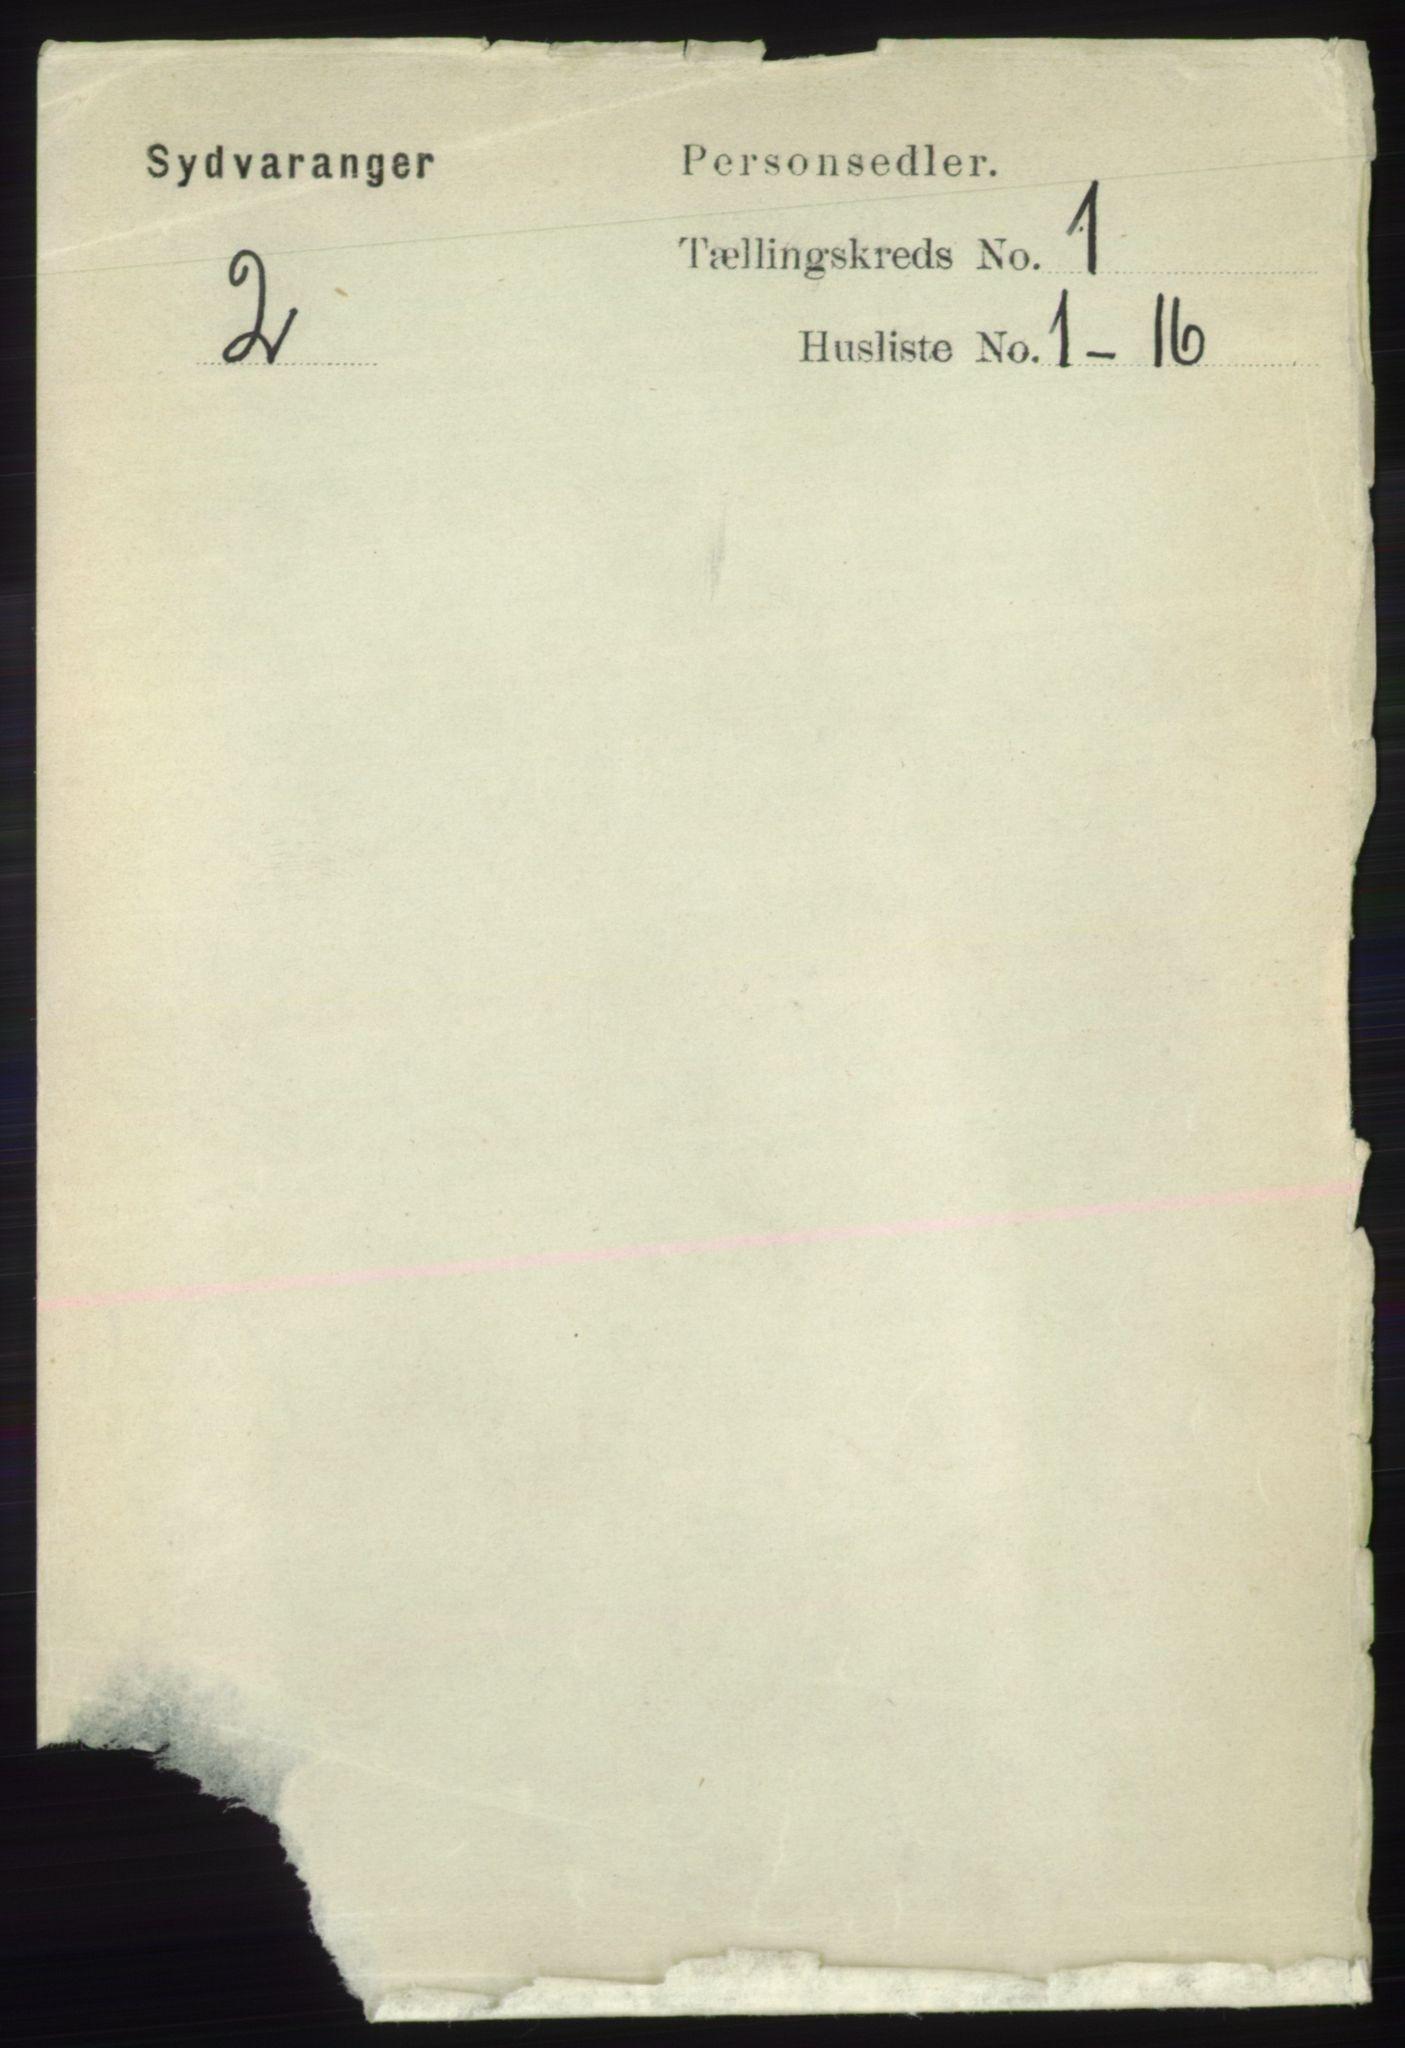 RA, Folketelling 1891 for 2030 Sør-Varanger herred, 1891, s. 61